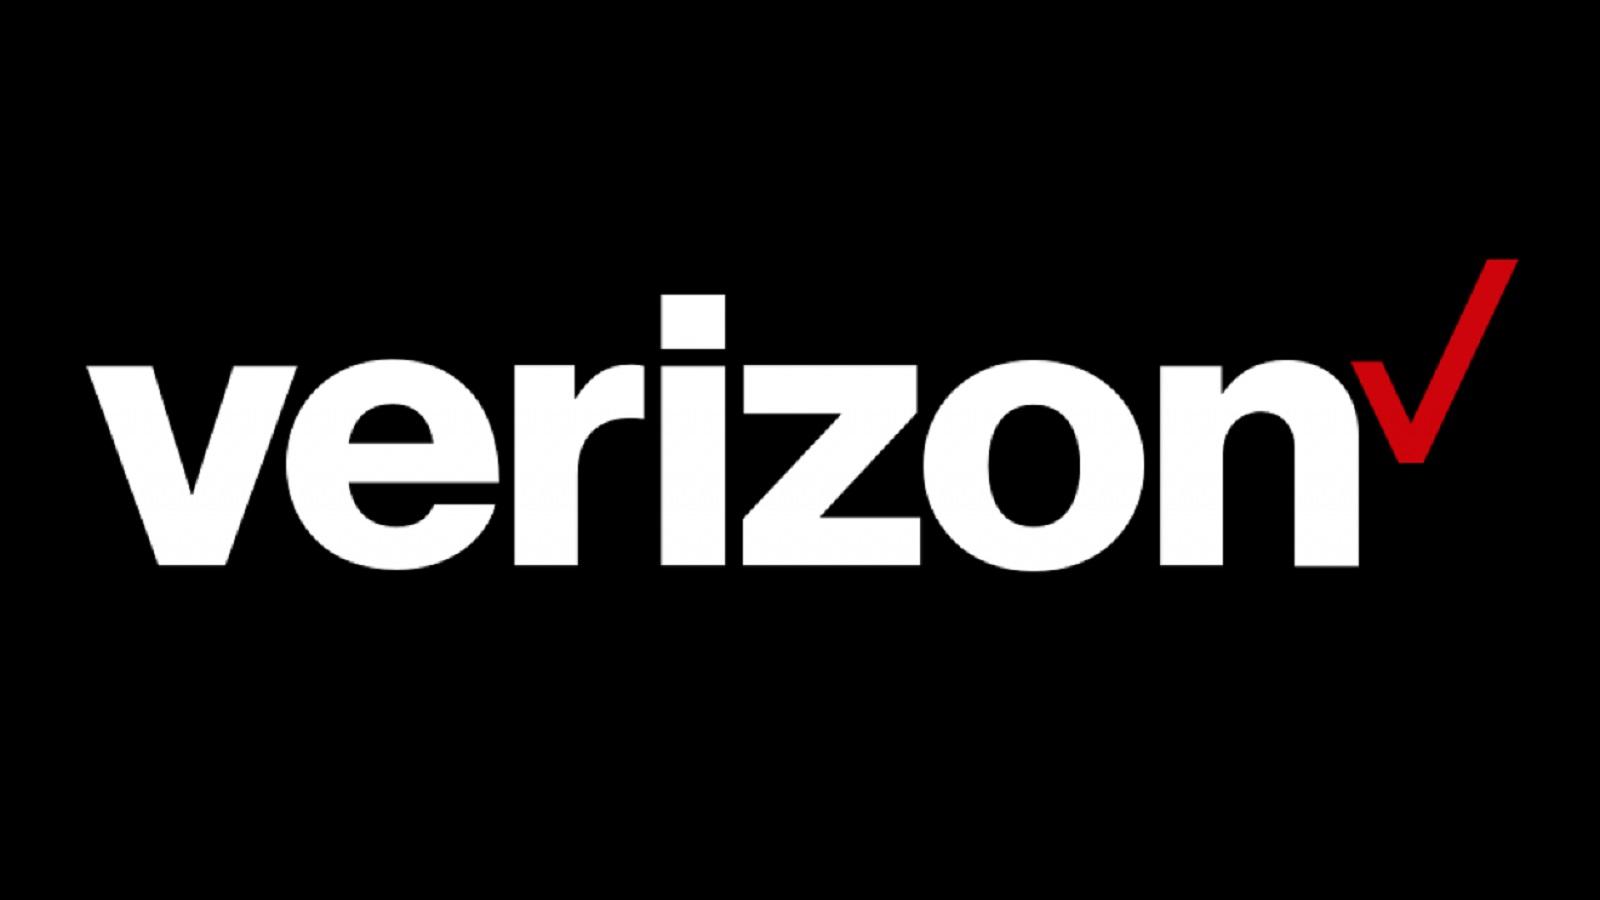 اپراتور Verizon مهلت پرداخت بدهی مشترکانش را دو ماه تمدید کرد